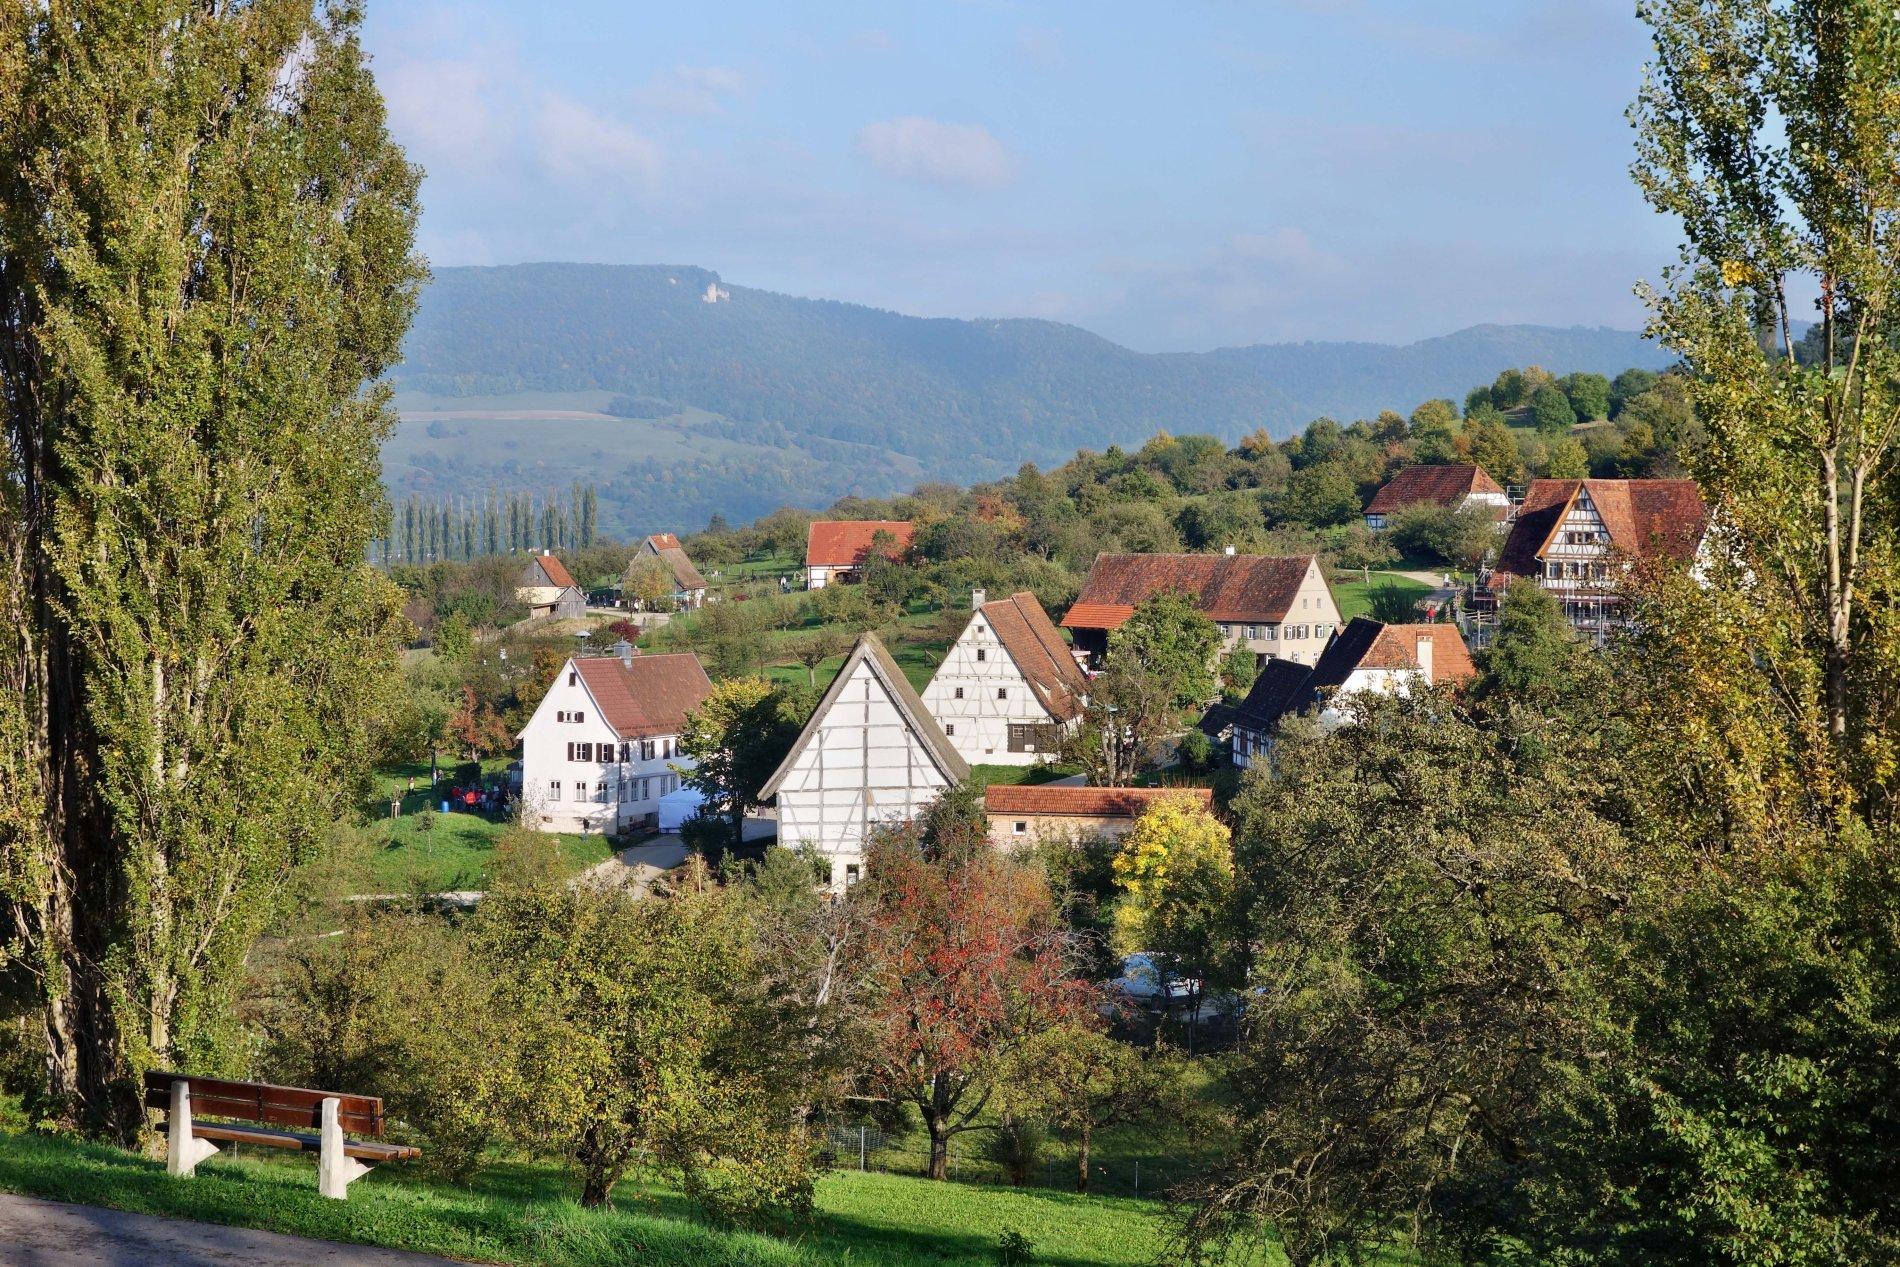 Das Freilichtmuseum Beuren am Fuße der Schwäbischen Alb